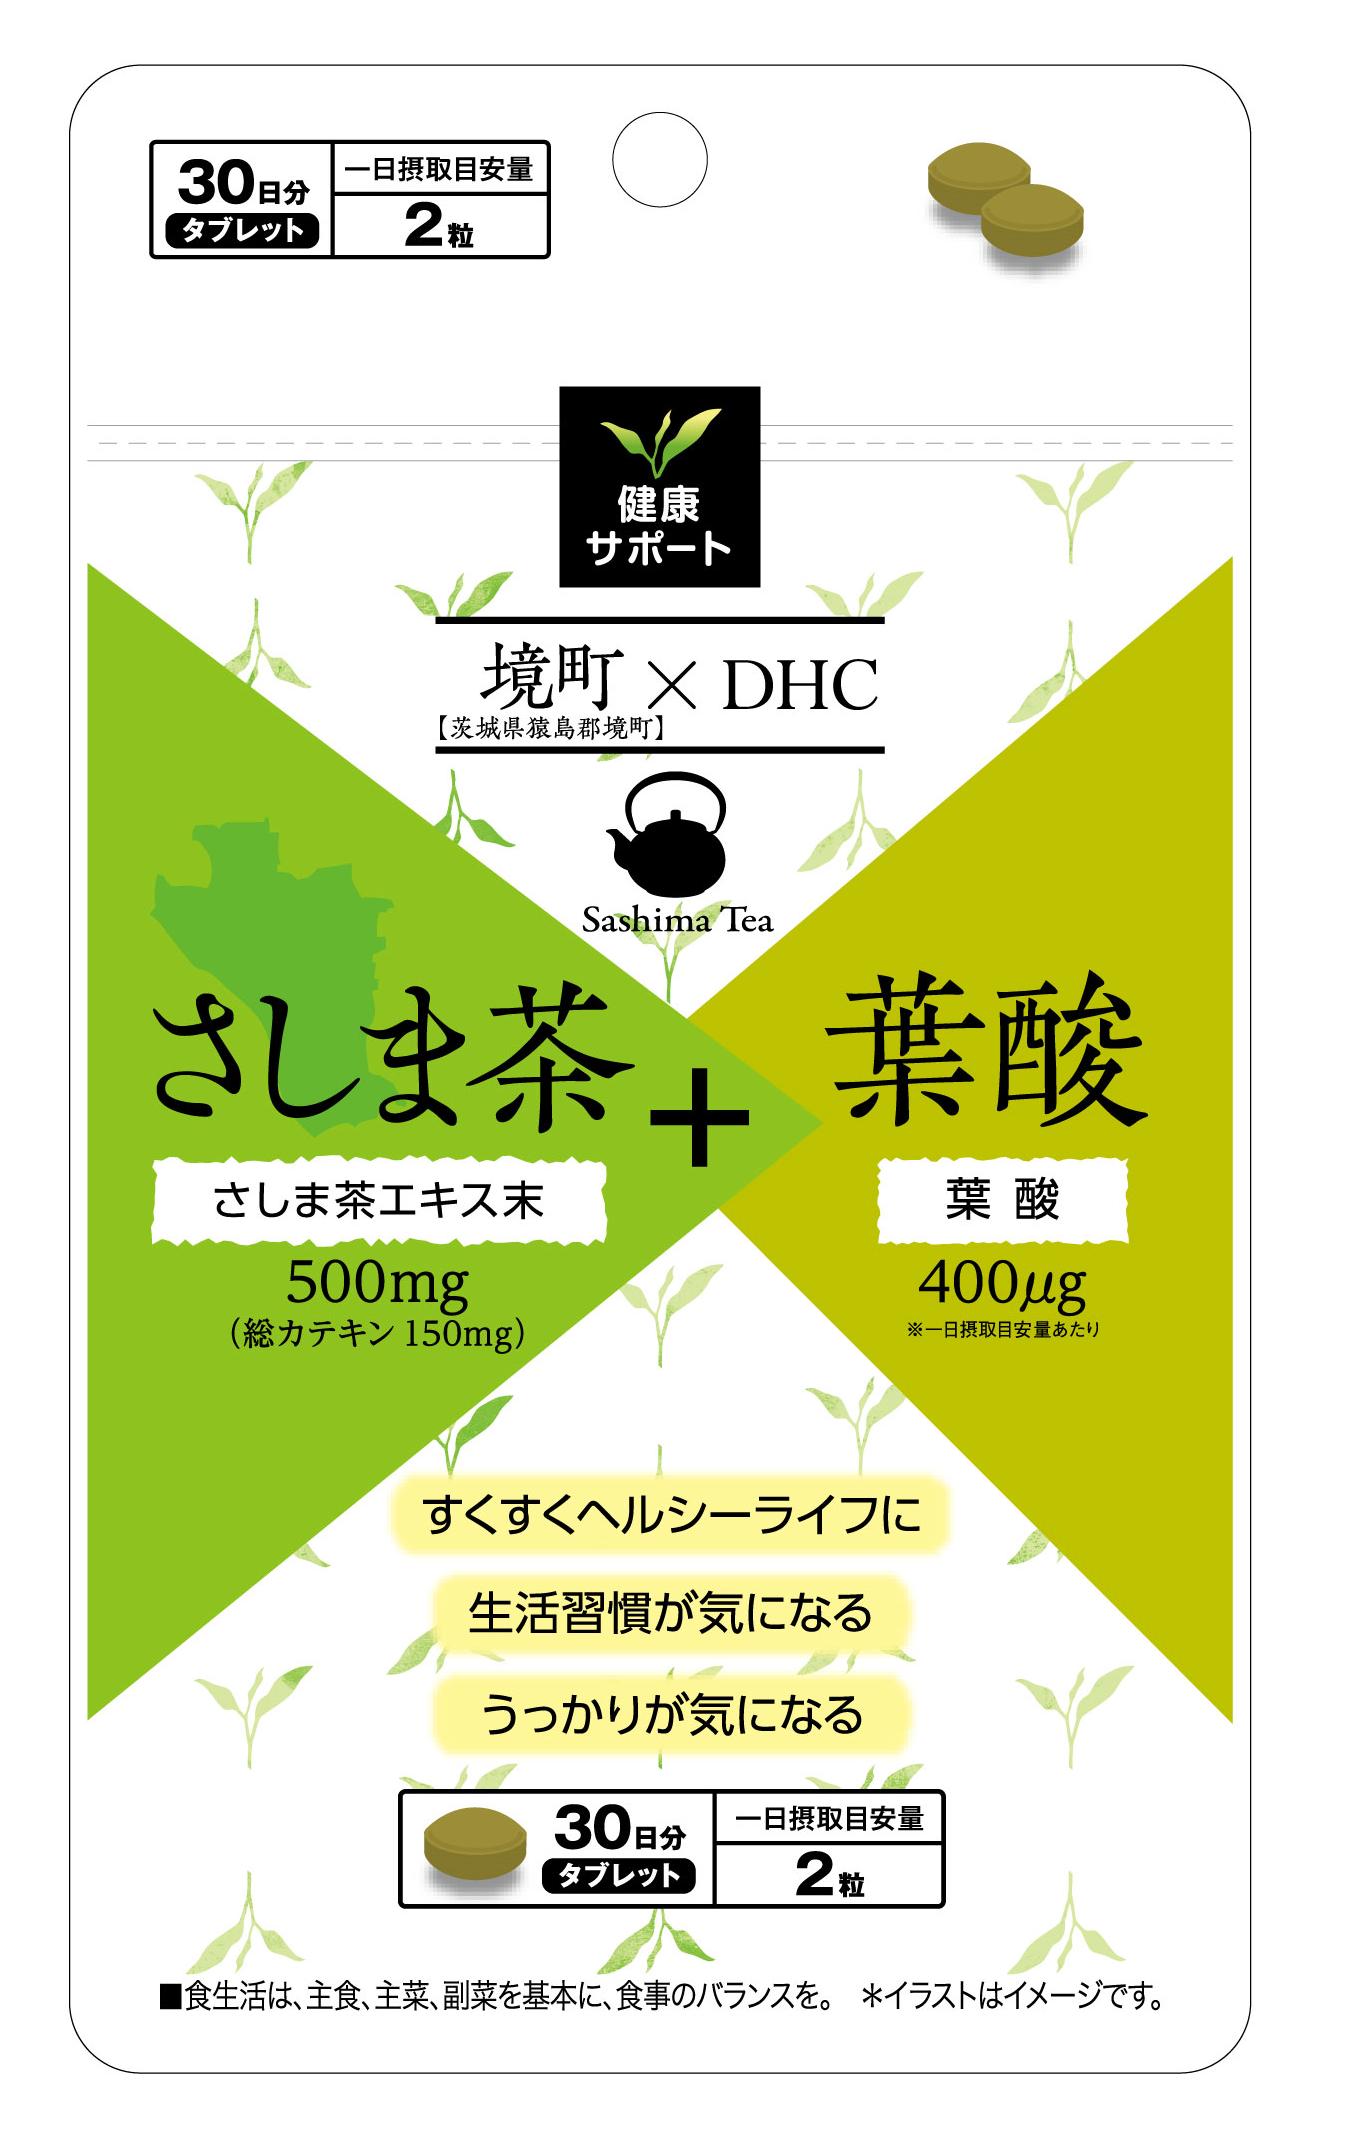 『さしま茶+葉酸』の画像